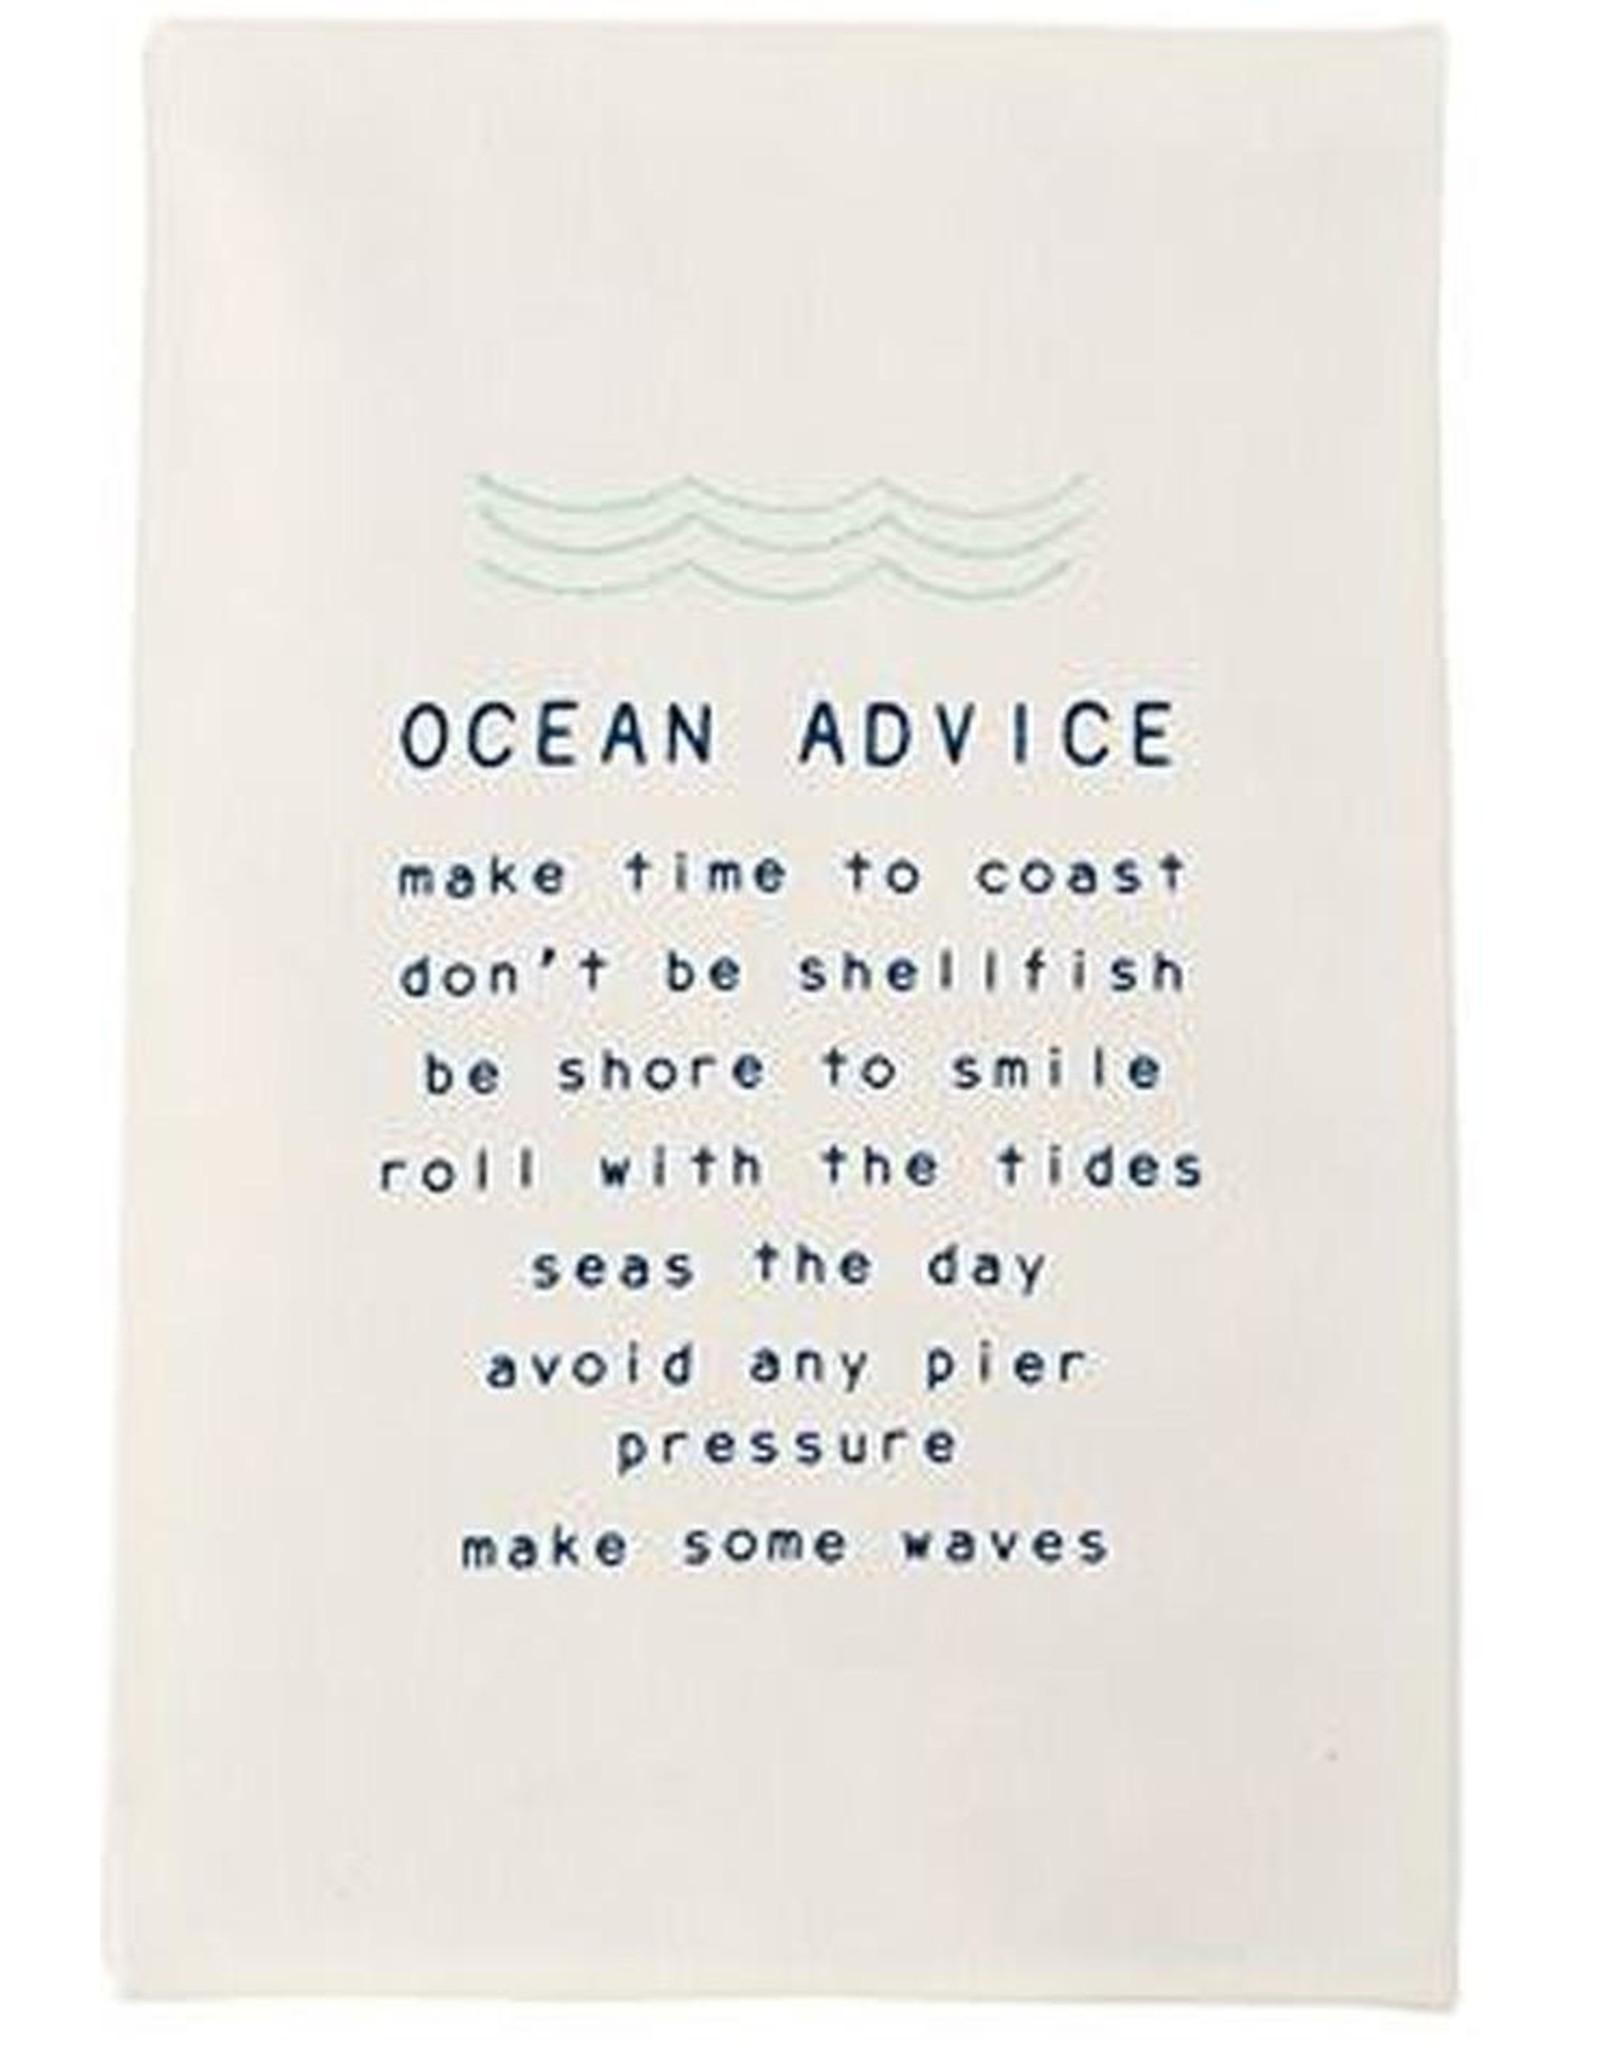 Mud Pie Beach House Hand Towel With Ocean Advice 26x16.5